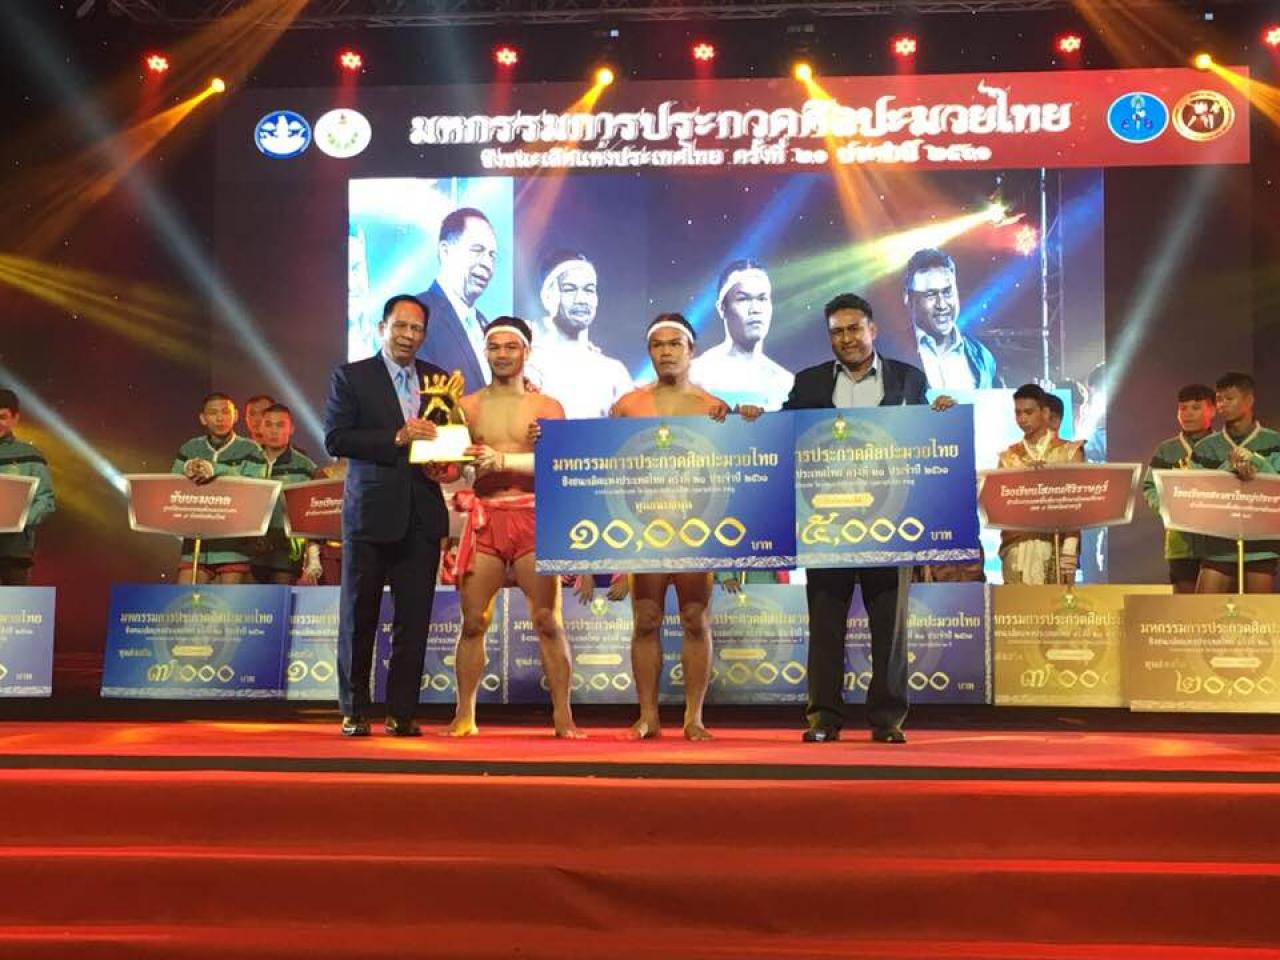 มหกรรมการประกวดศิลปะมวยไทย